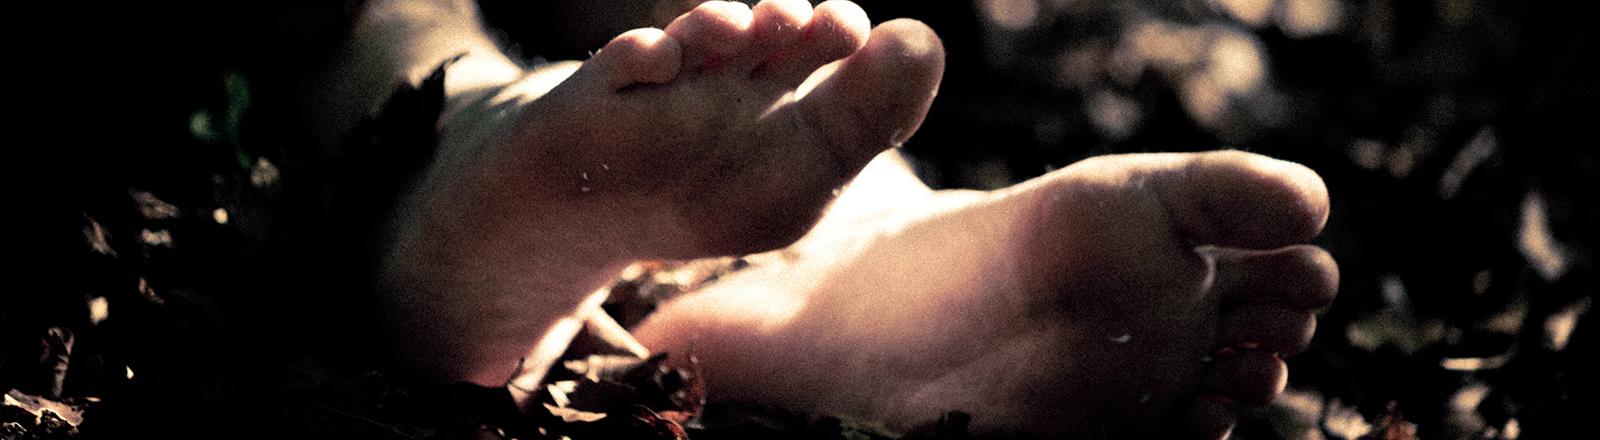 Zwei Füße liegen im Laub.